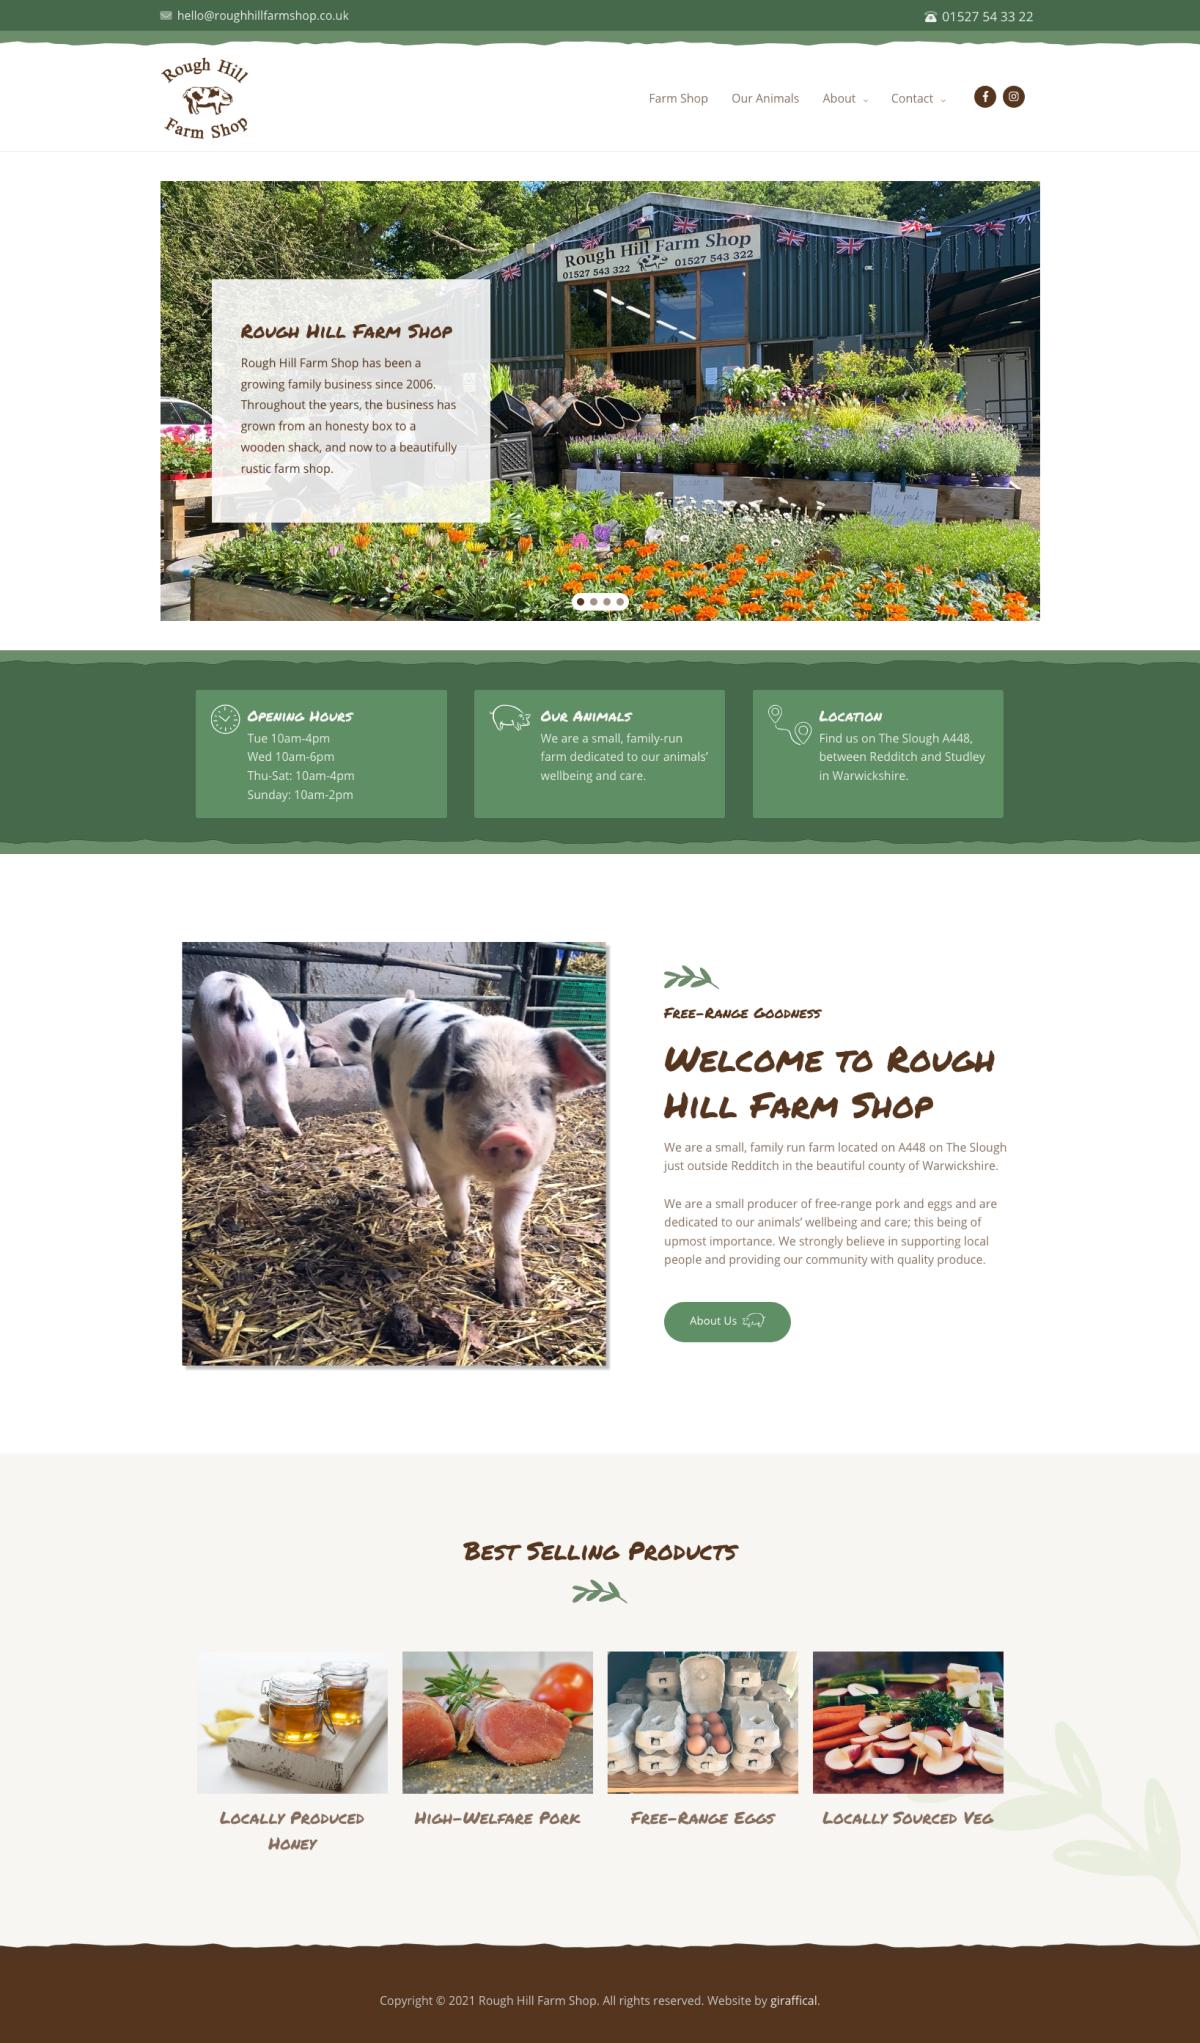 Farm Shop Website Design - Rough Hill Farm - Home Page